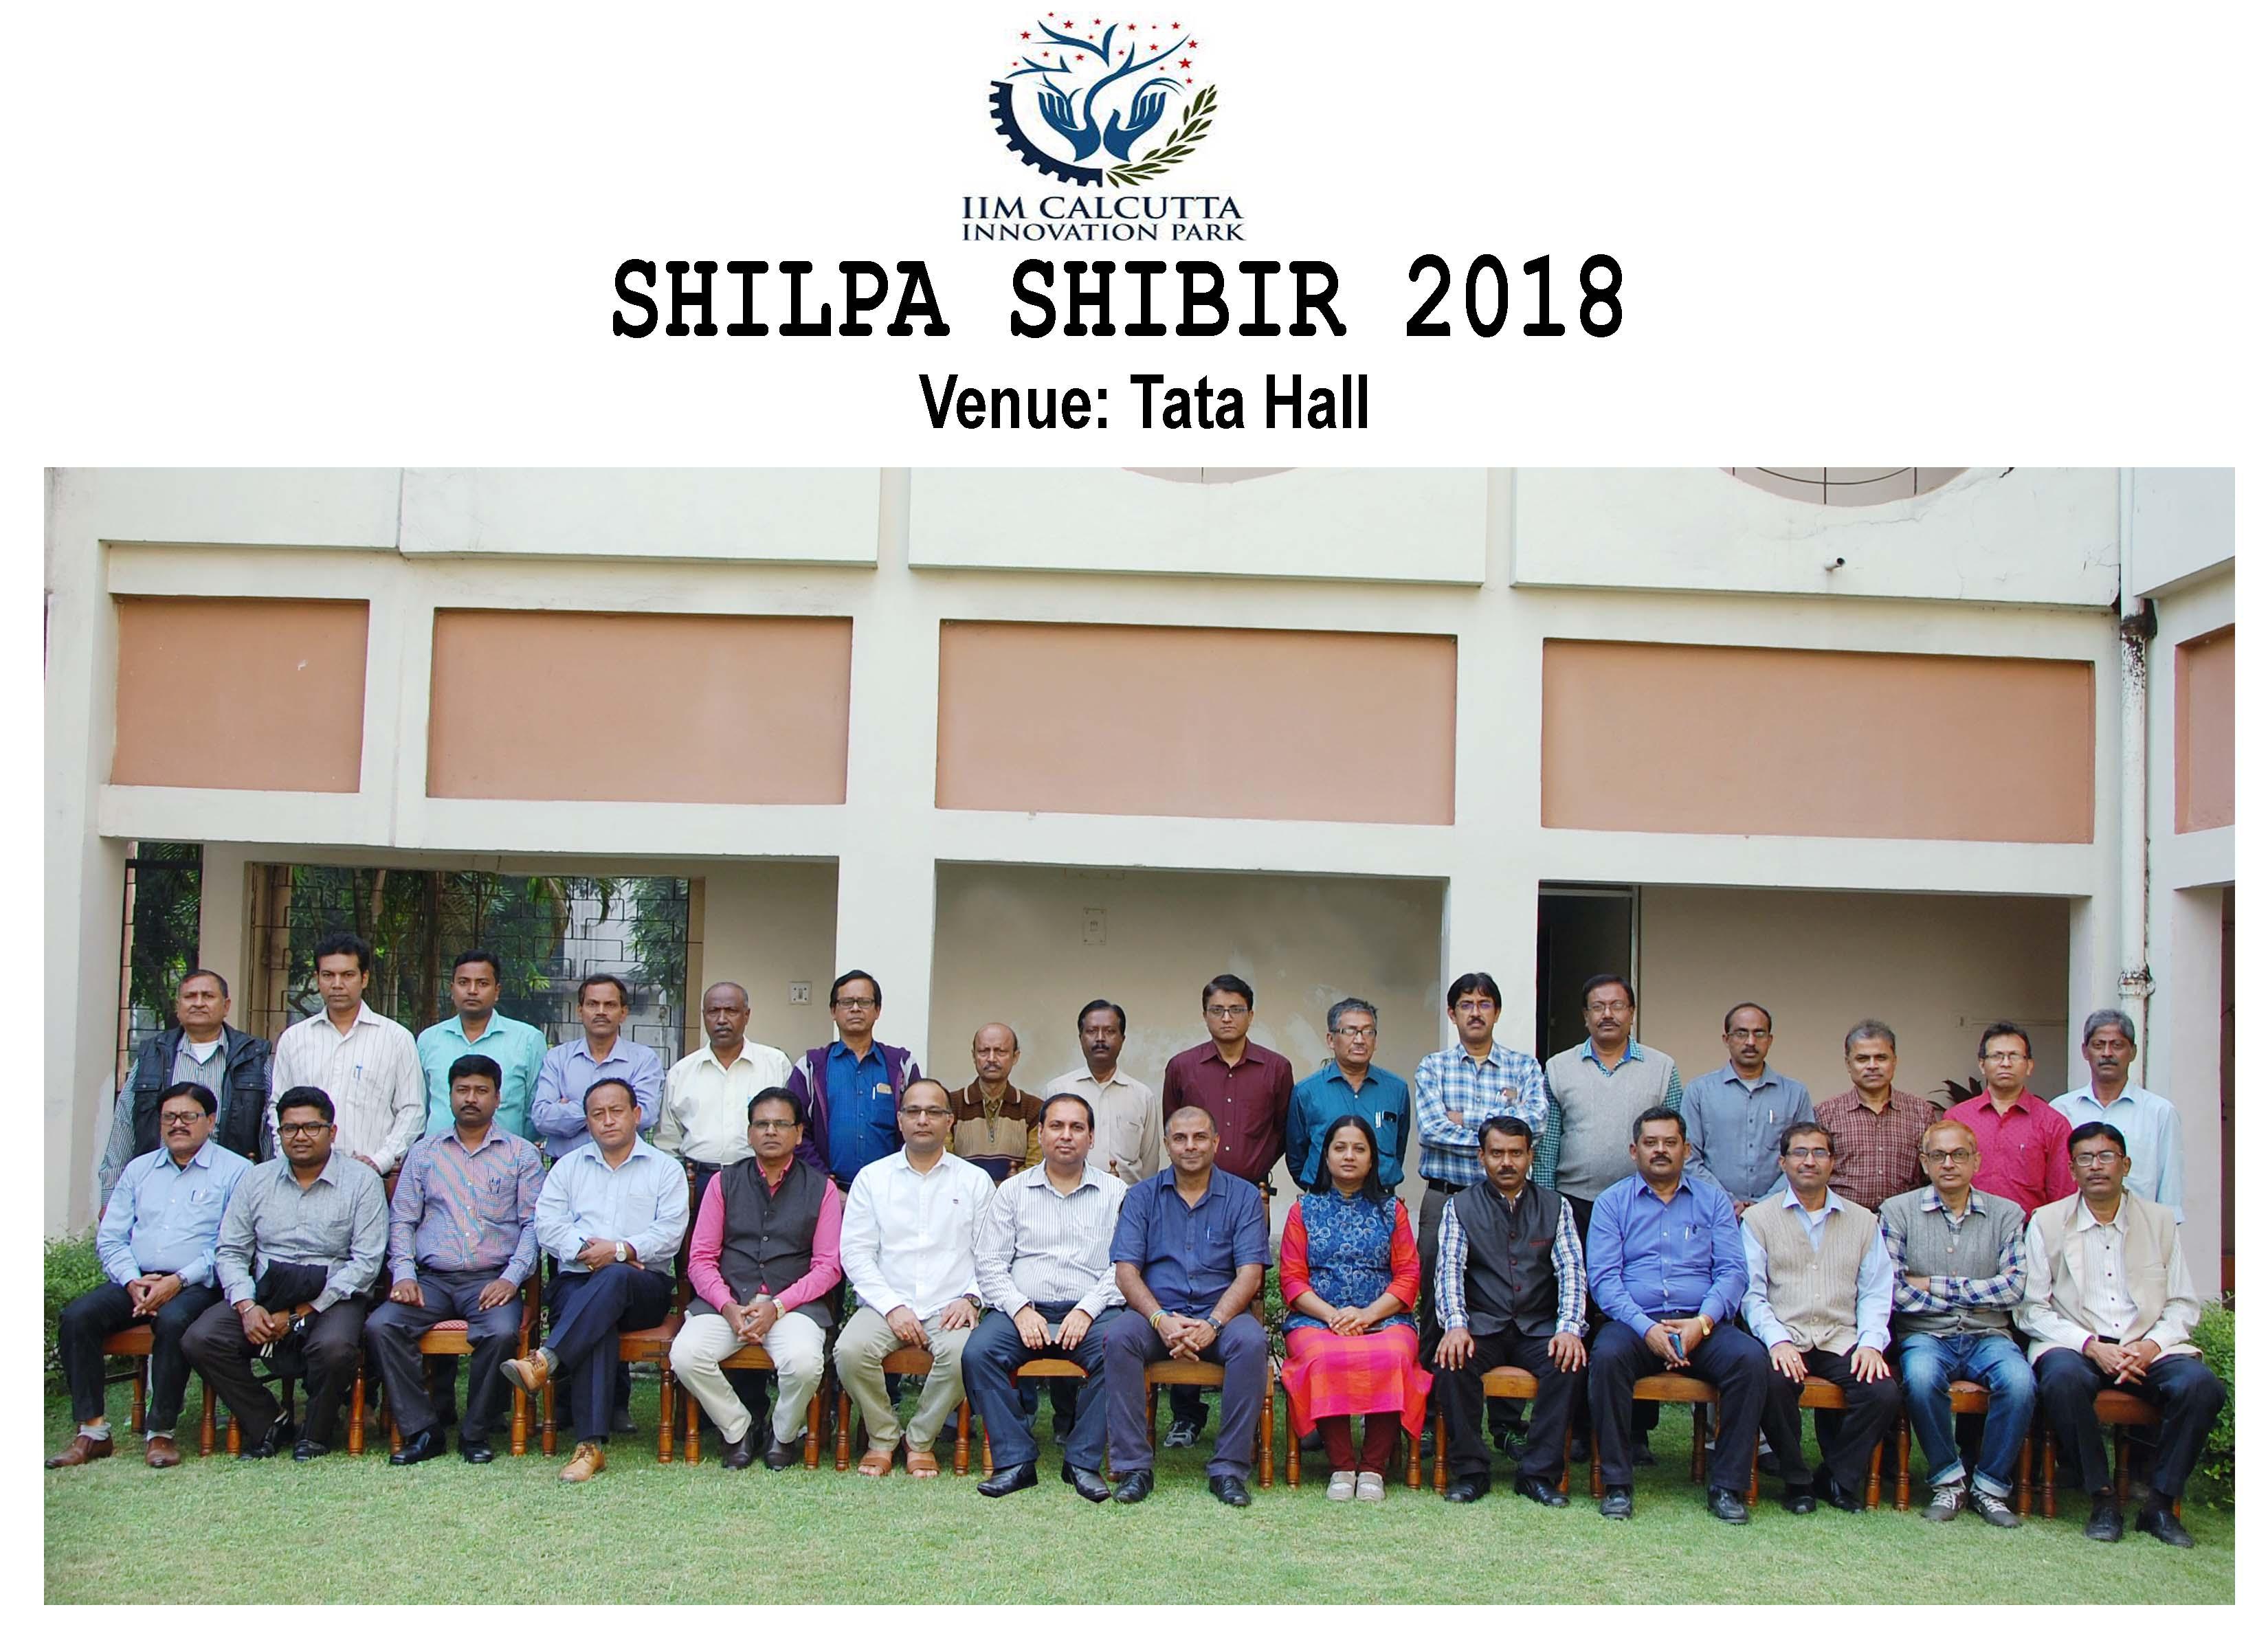 Shilpa Shibir 2018